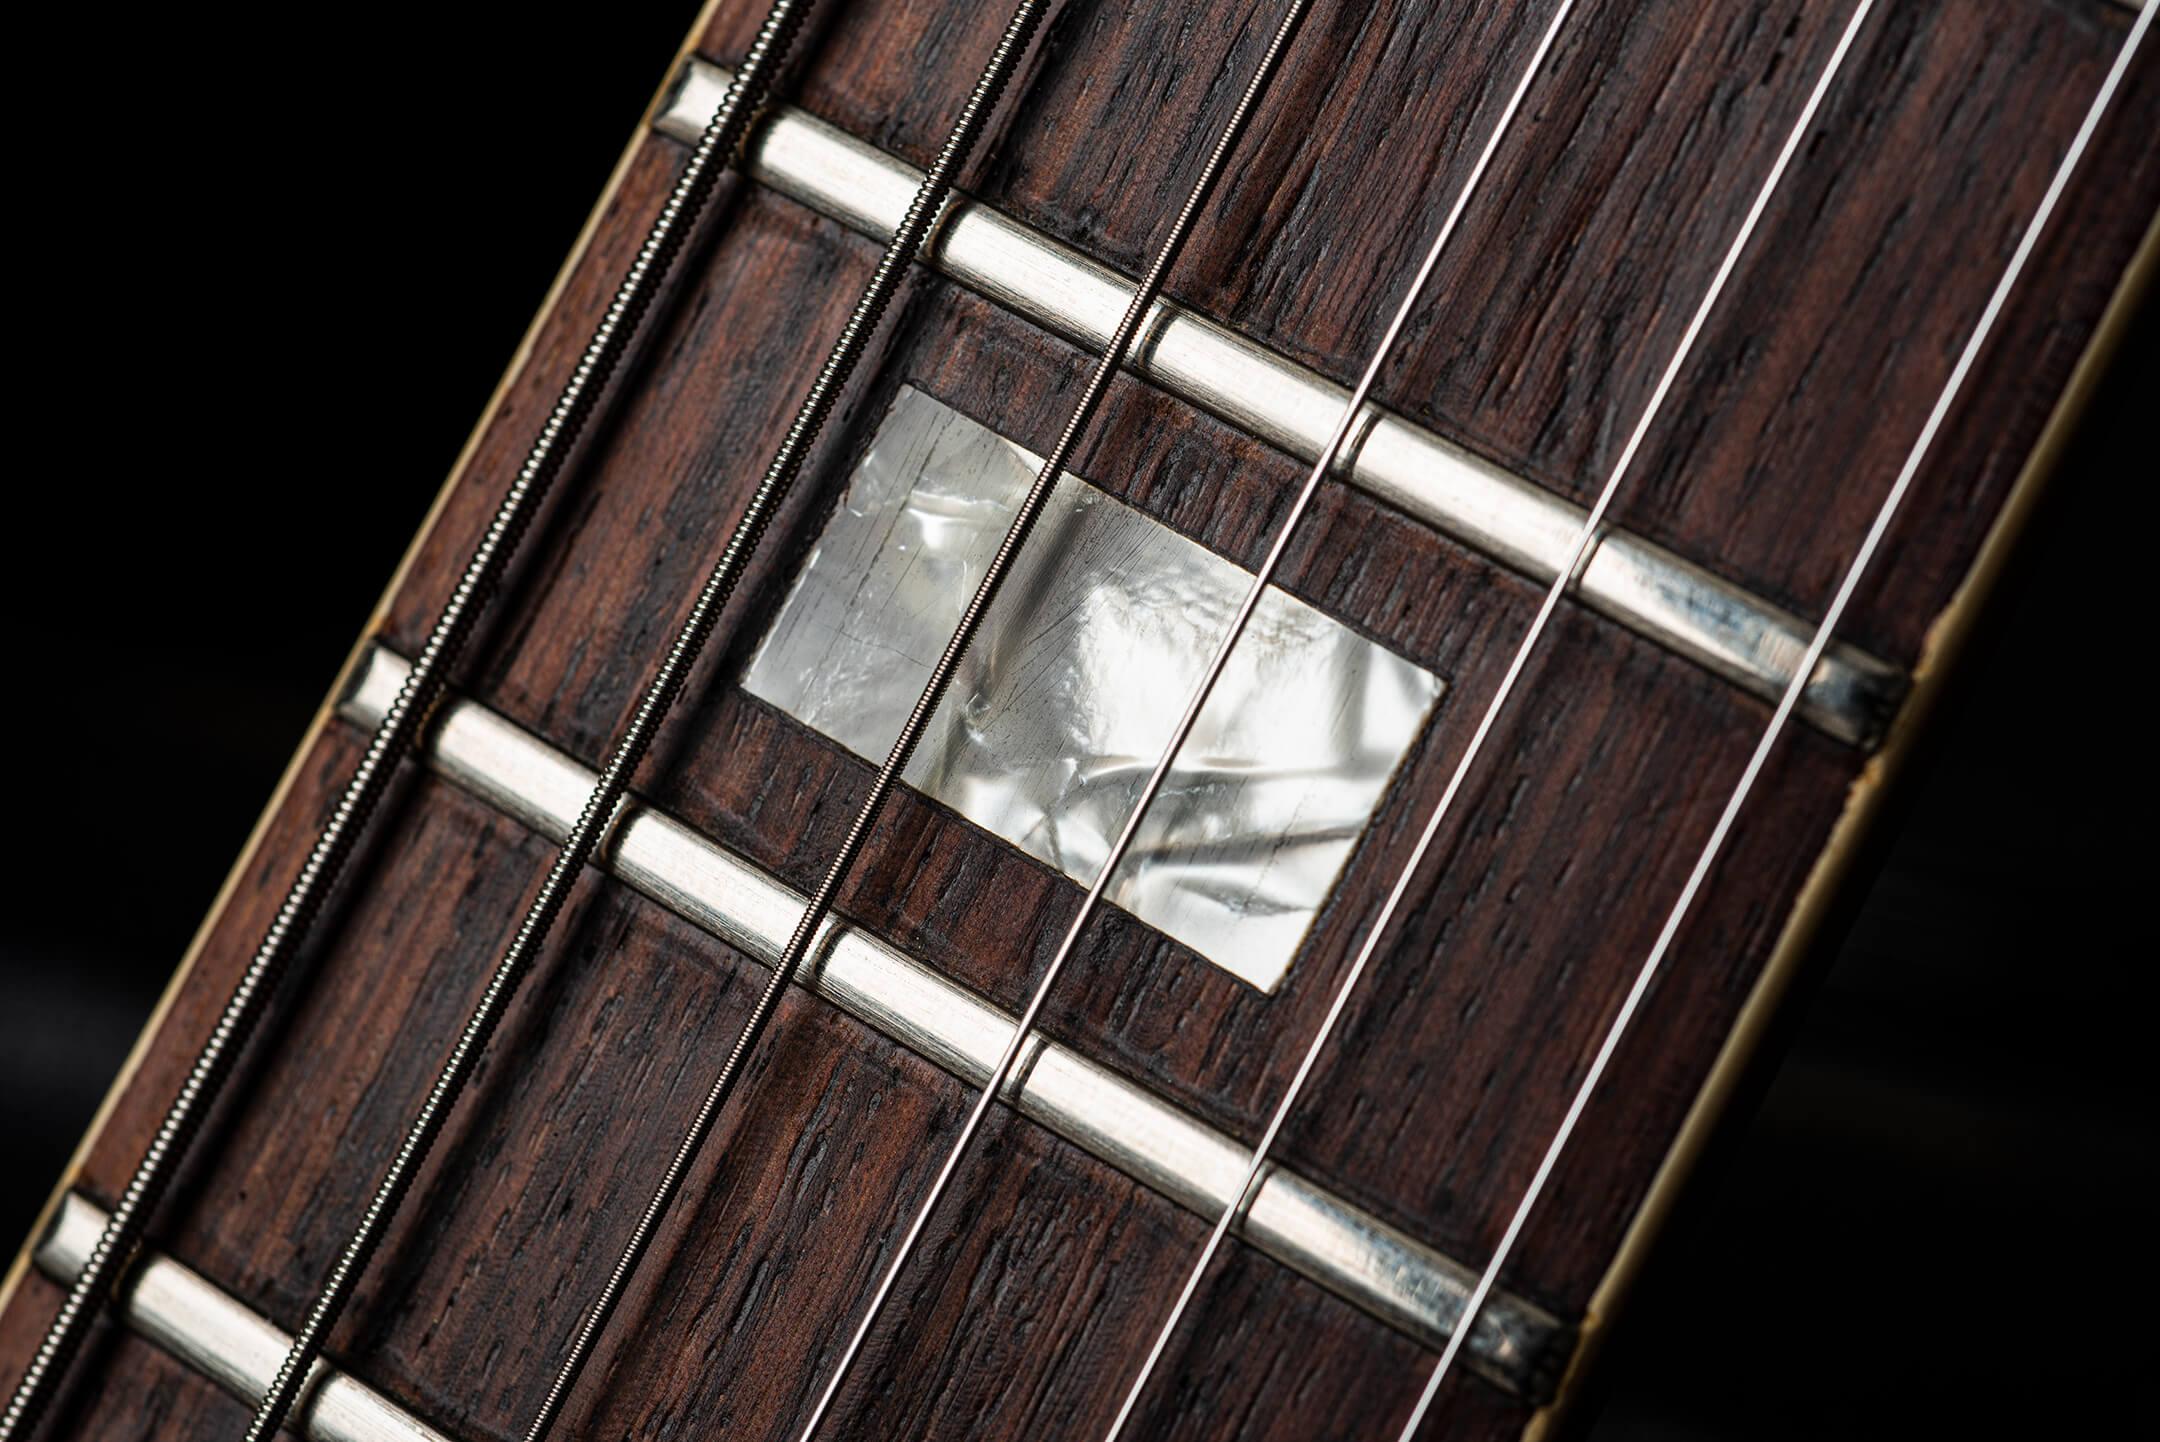 Vintage Bench Test: Gibson 1969 Es-330 'Long Neck' Fretboard